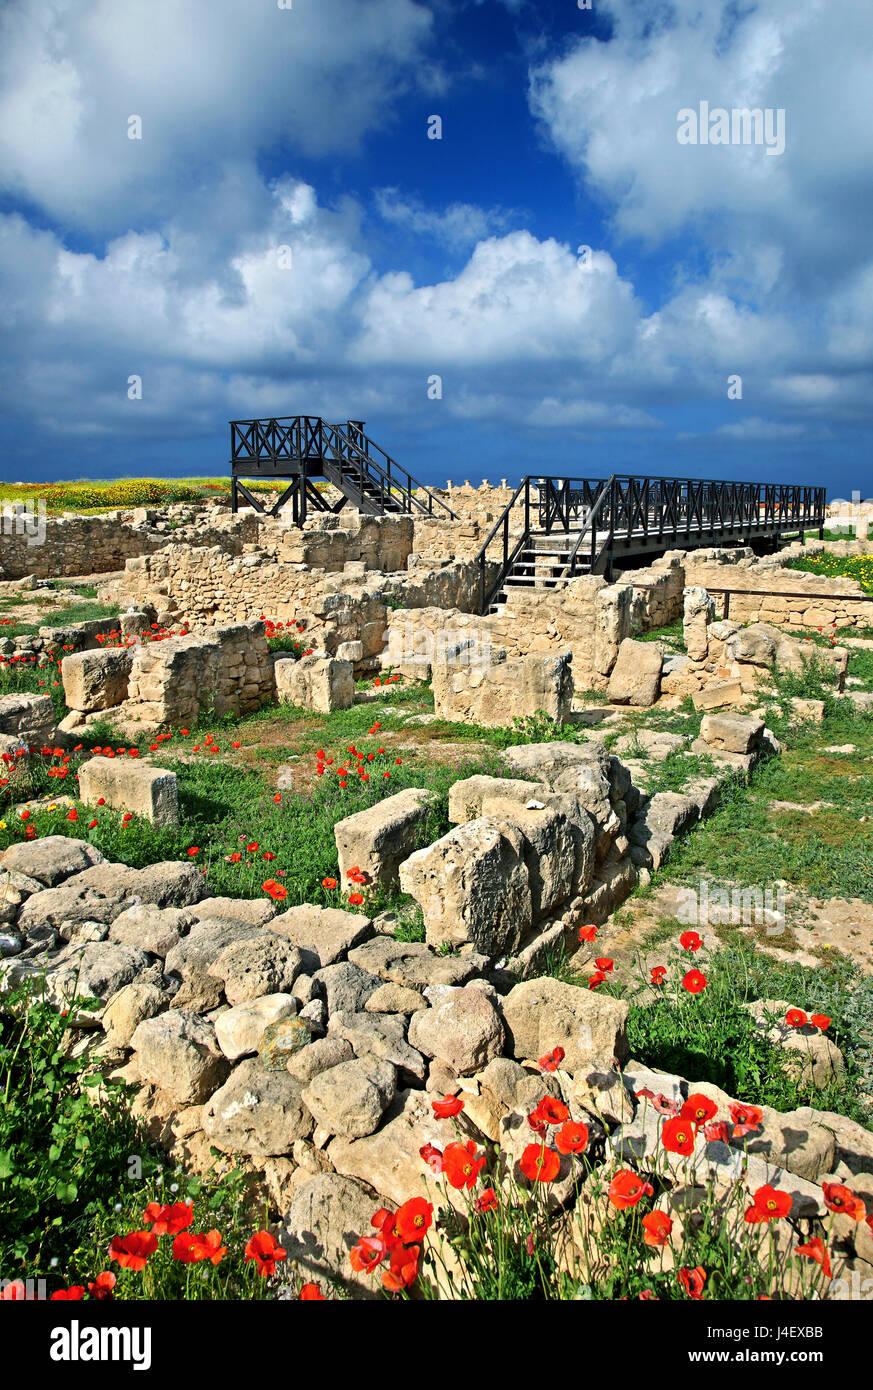 Das Haus des Theseus an der archäologische Park von Paphos (UNESCO Weltkulturerbe) Zypern. Stockbild